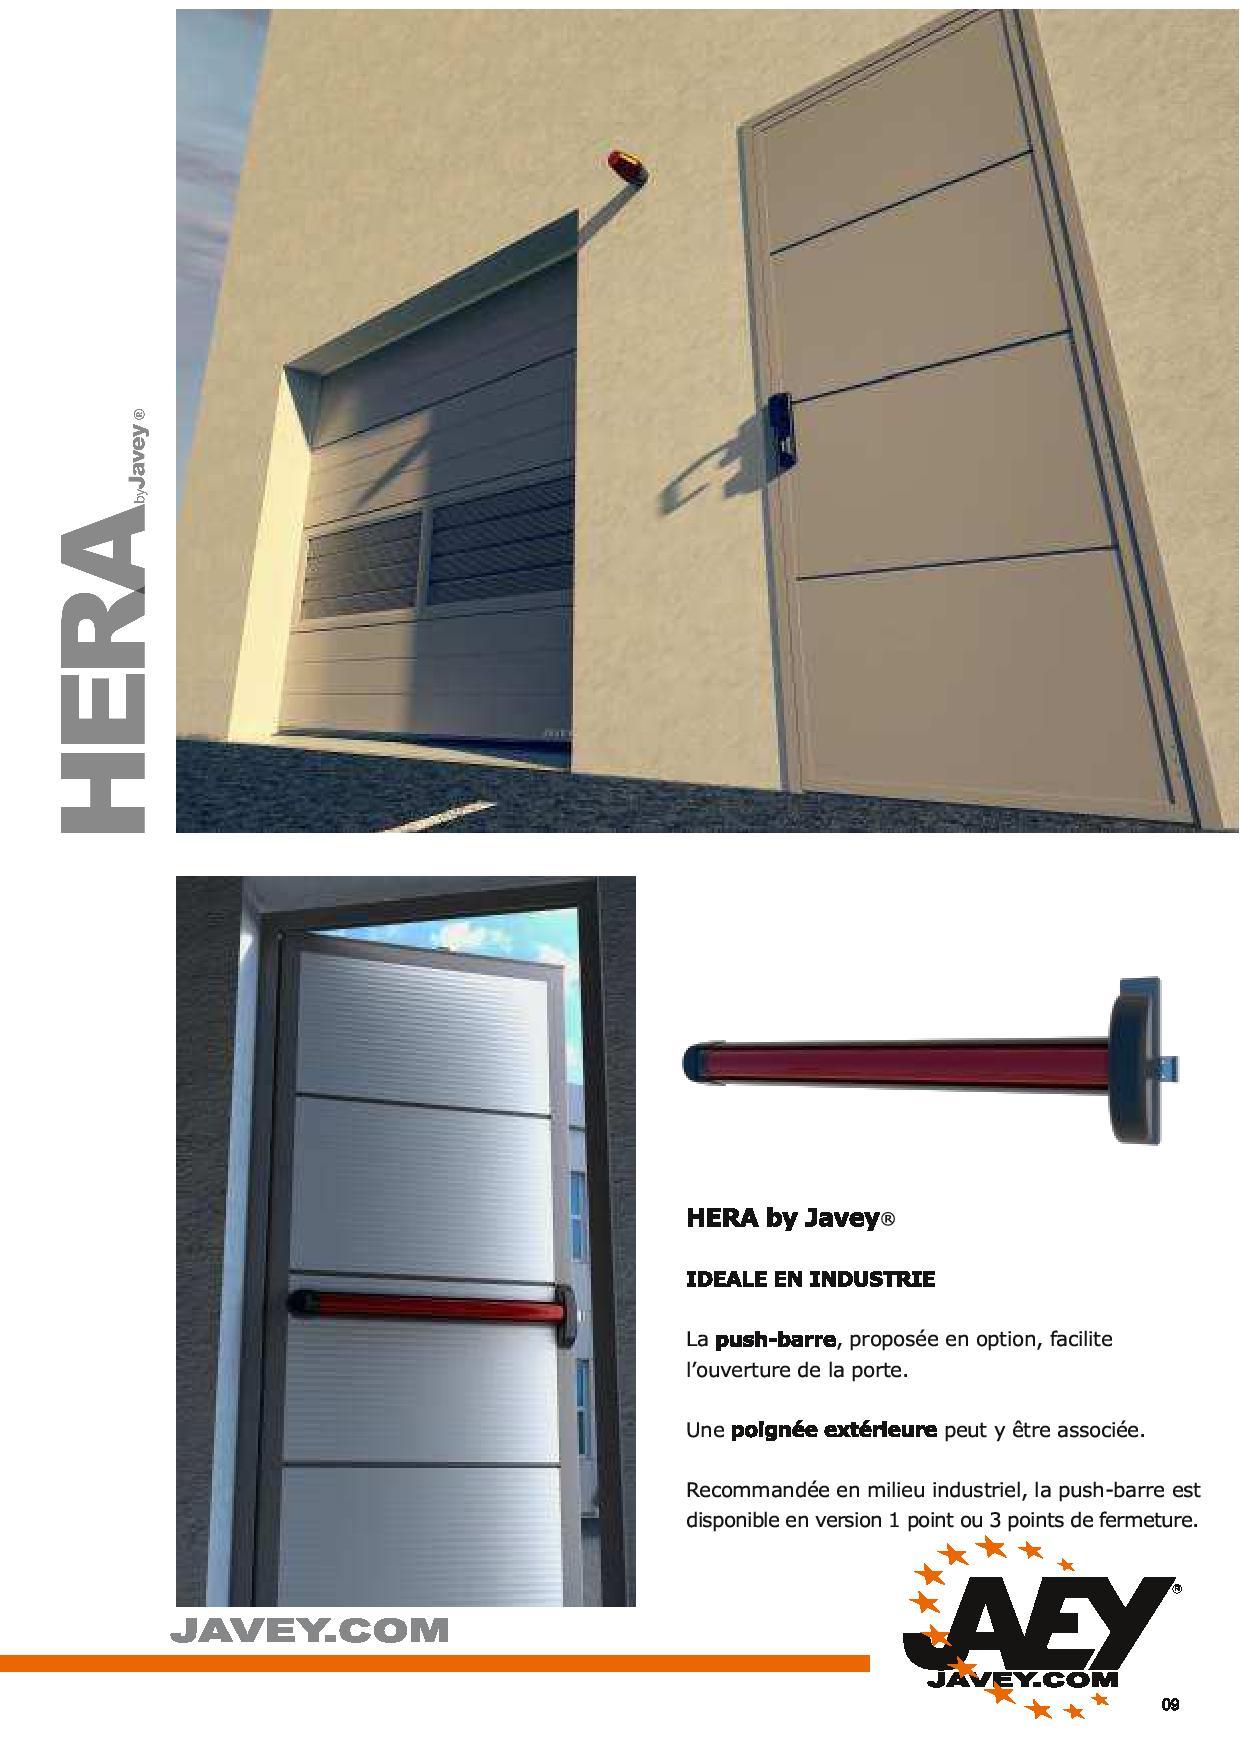 catalogue-Hera-Javey-page-009